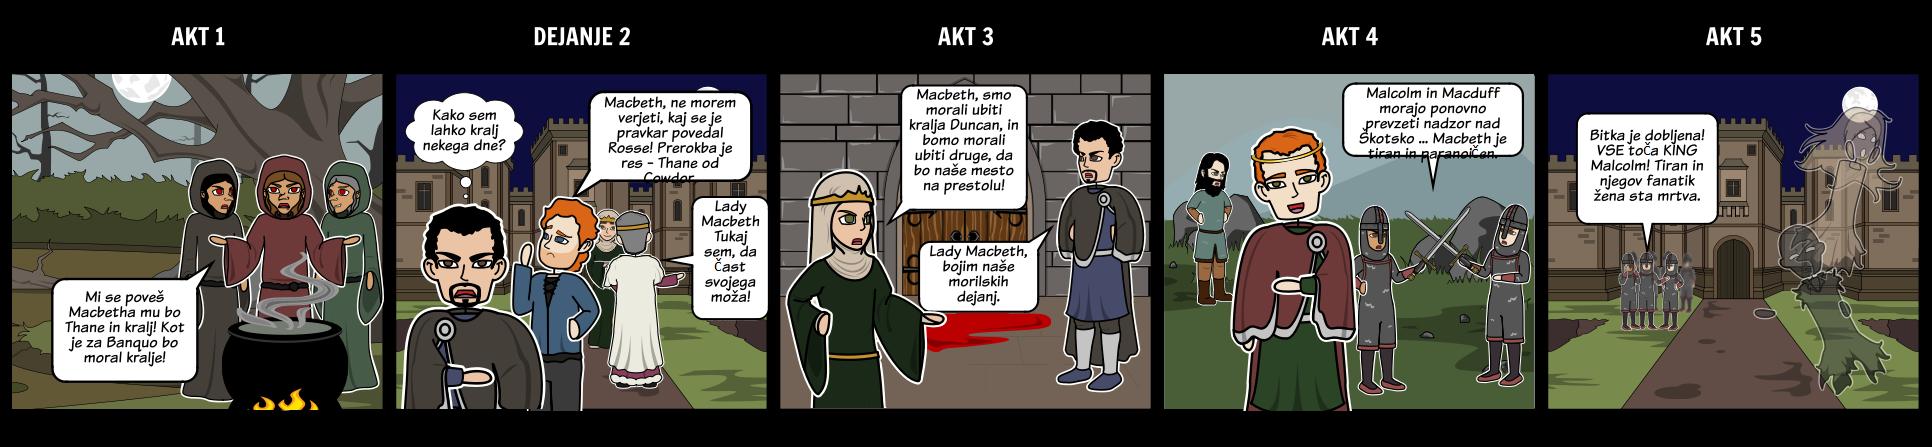 Zakon Macbeth 5 Struktura Snemalne Knjige